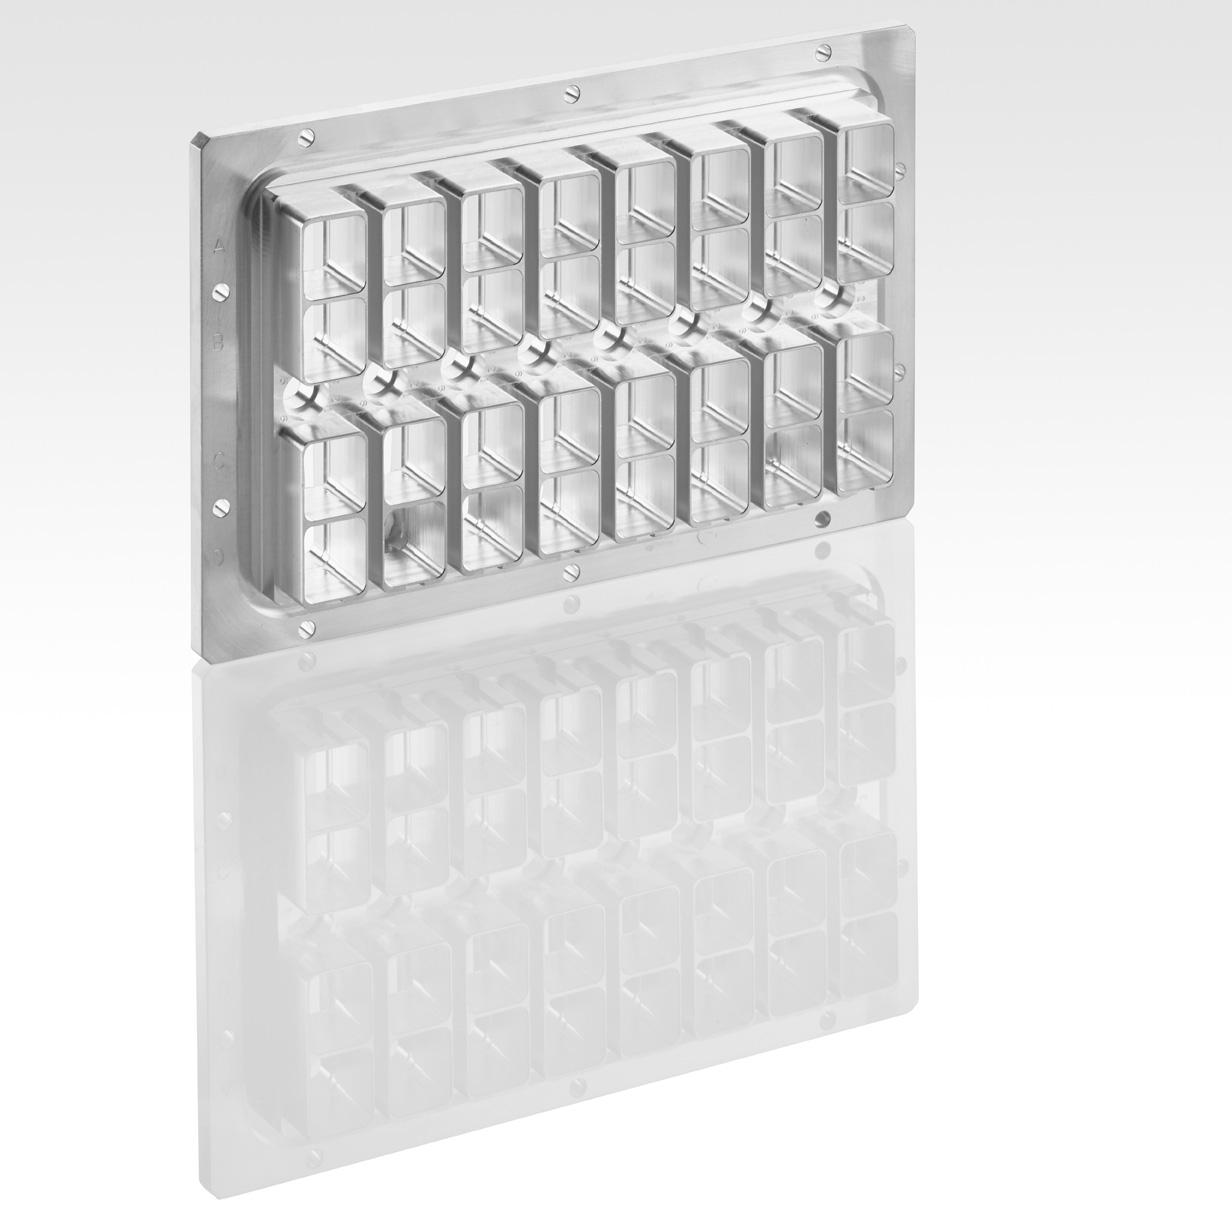 Fraisage - Centre d'usinage 5 axes - Embase de connecteur ARINC - Electronique et connectique